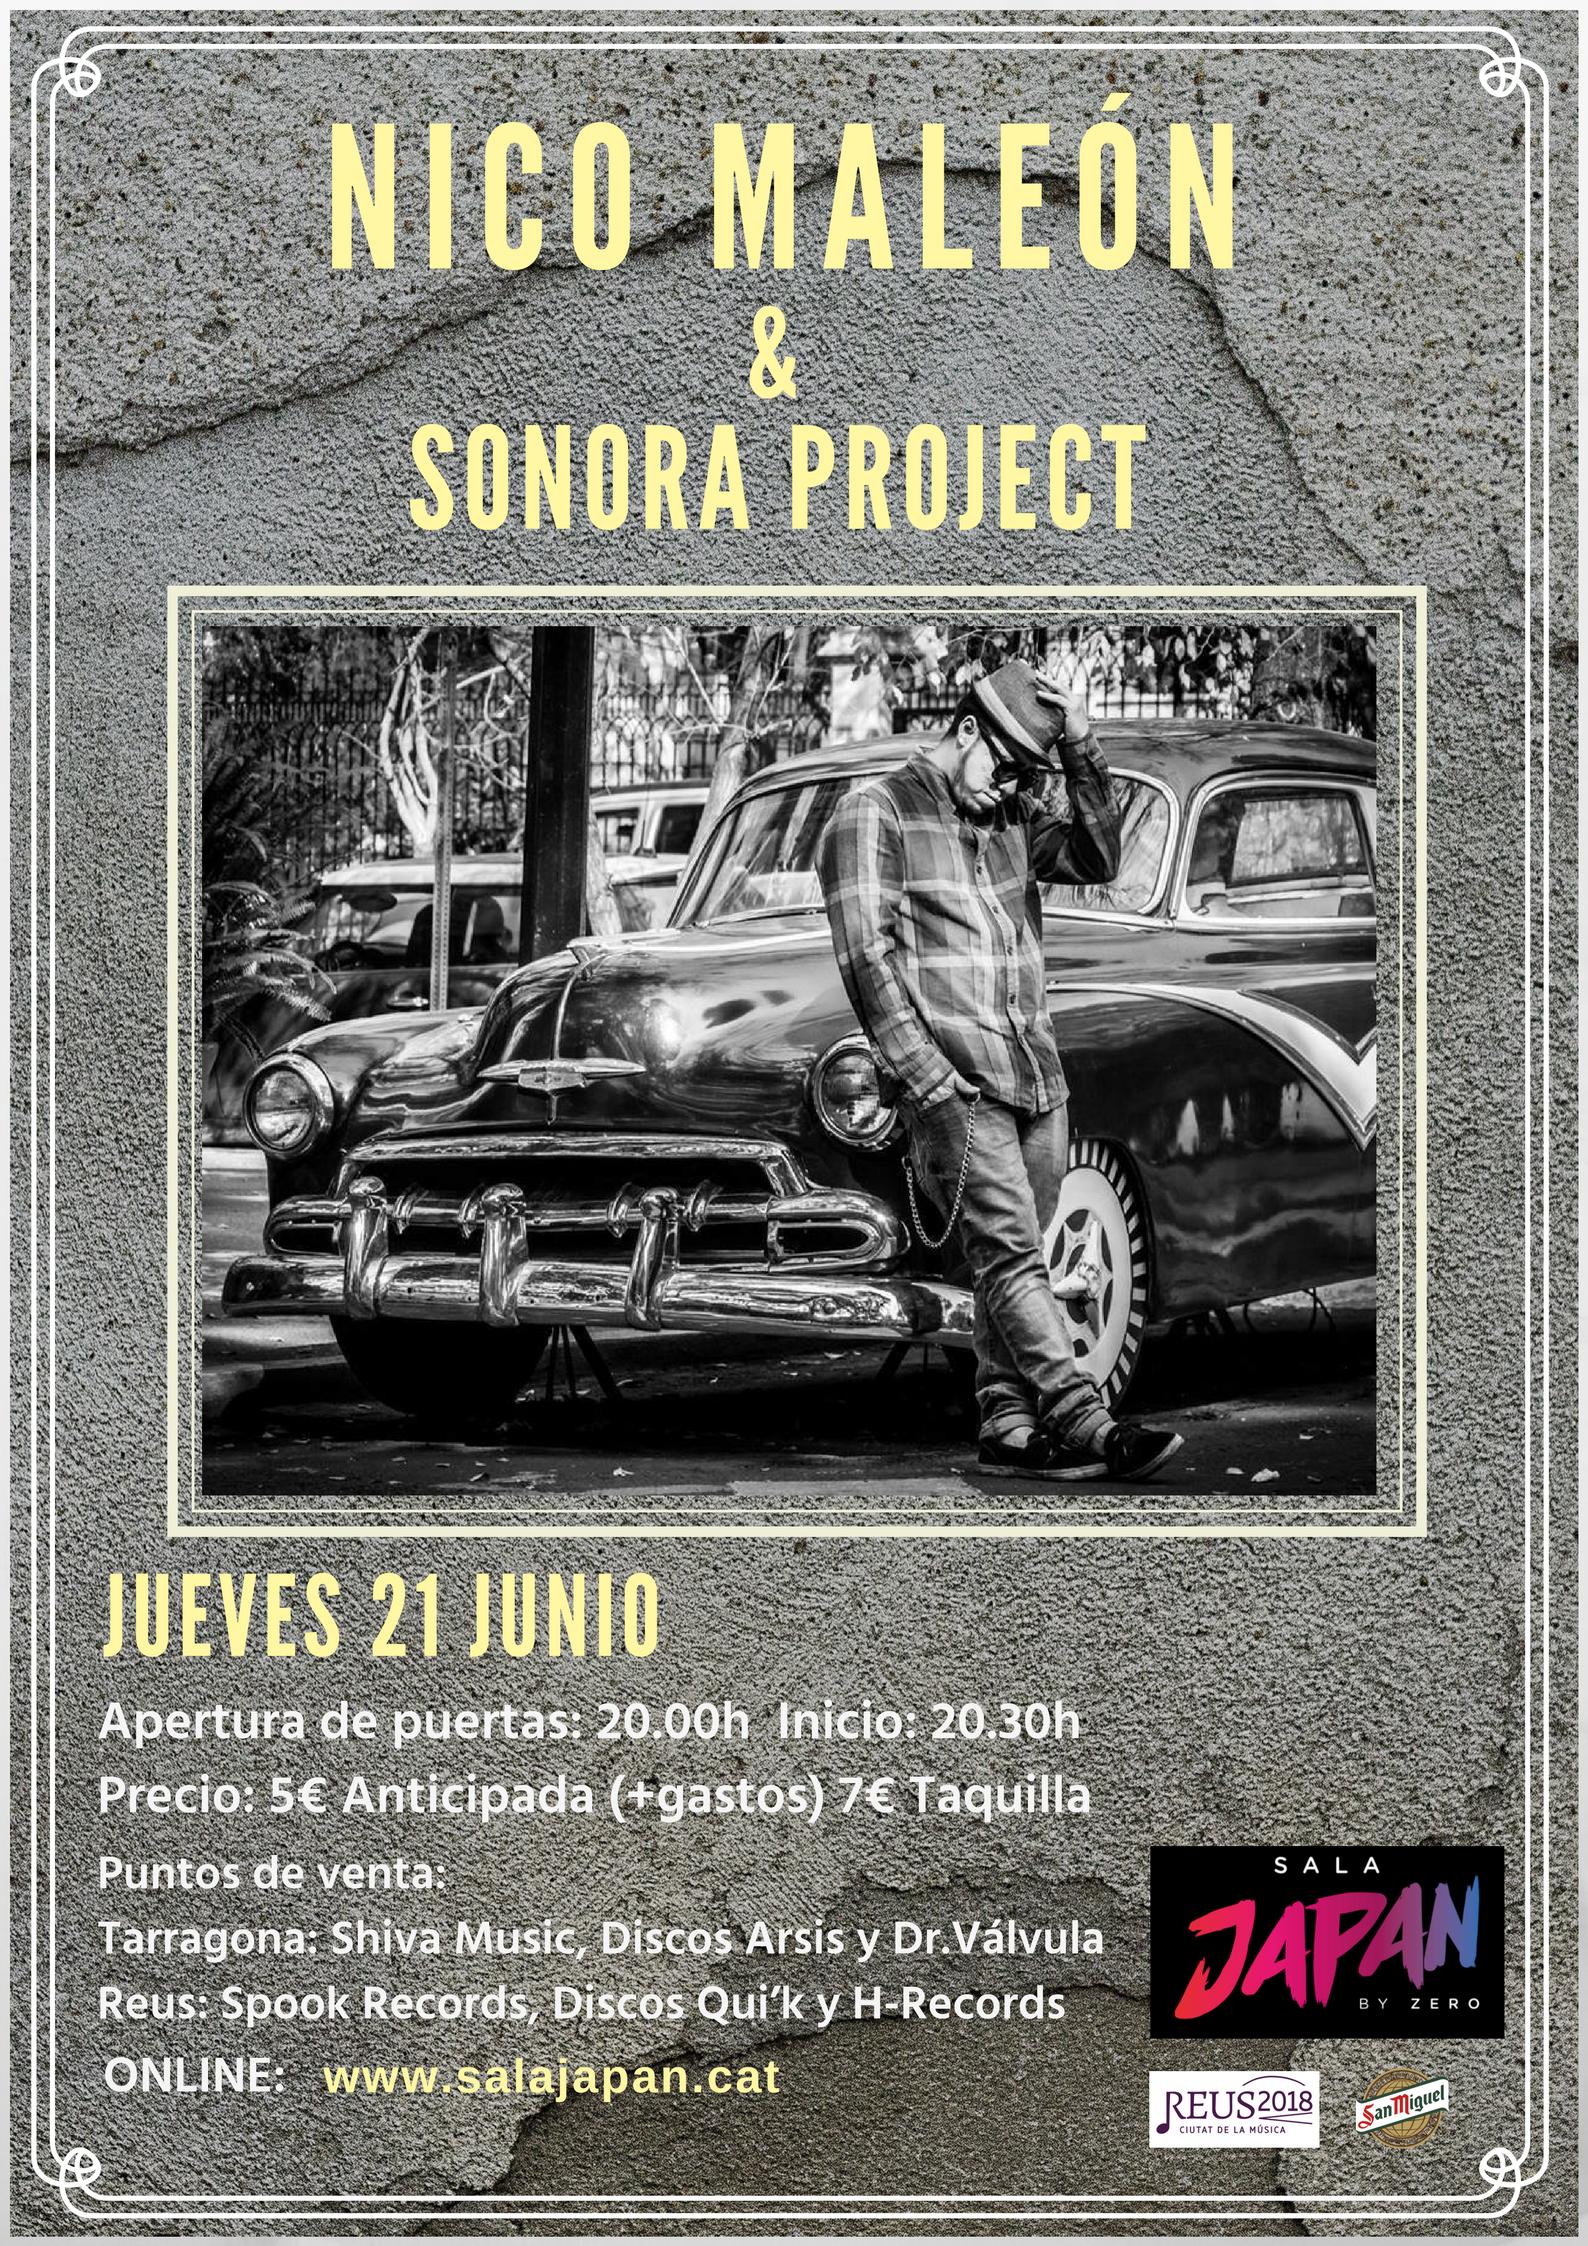 Nico Maleon & Sonora Project